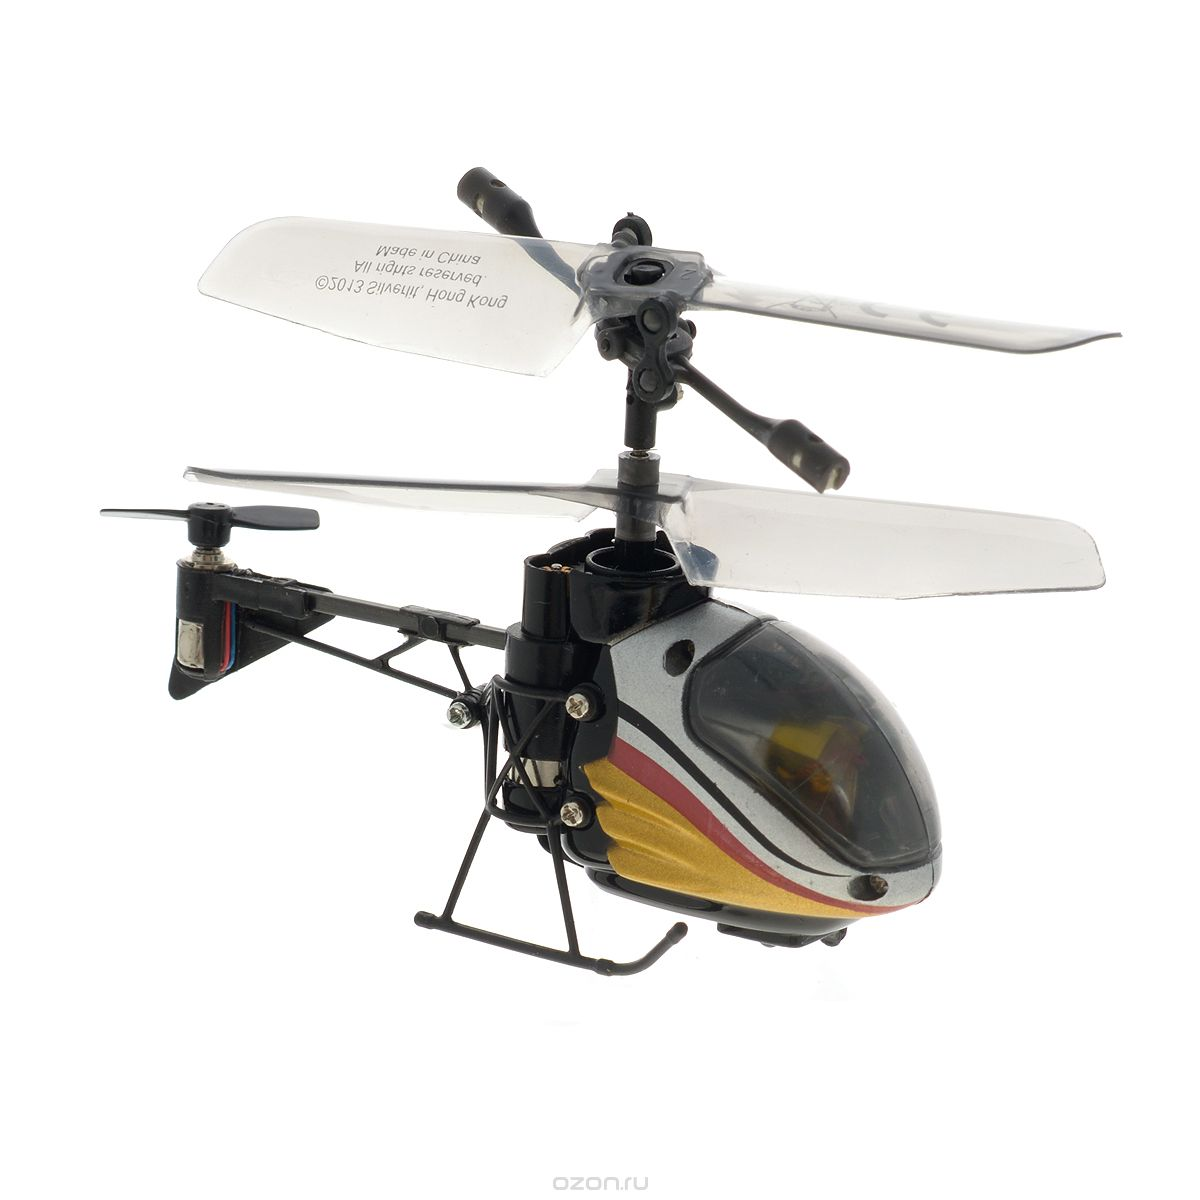 Silverlit Вертолет на радиоуправлении Nano Falcon цвет серый красный желтый пингвин с кольцом серый фигурист silverlit